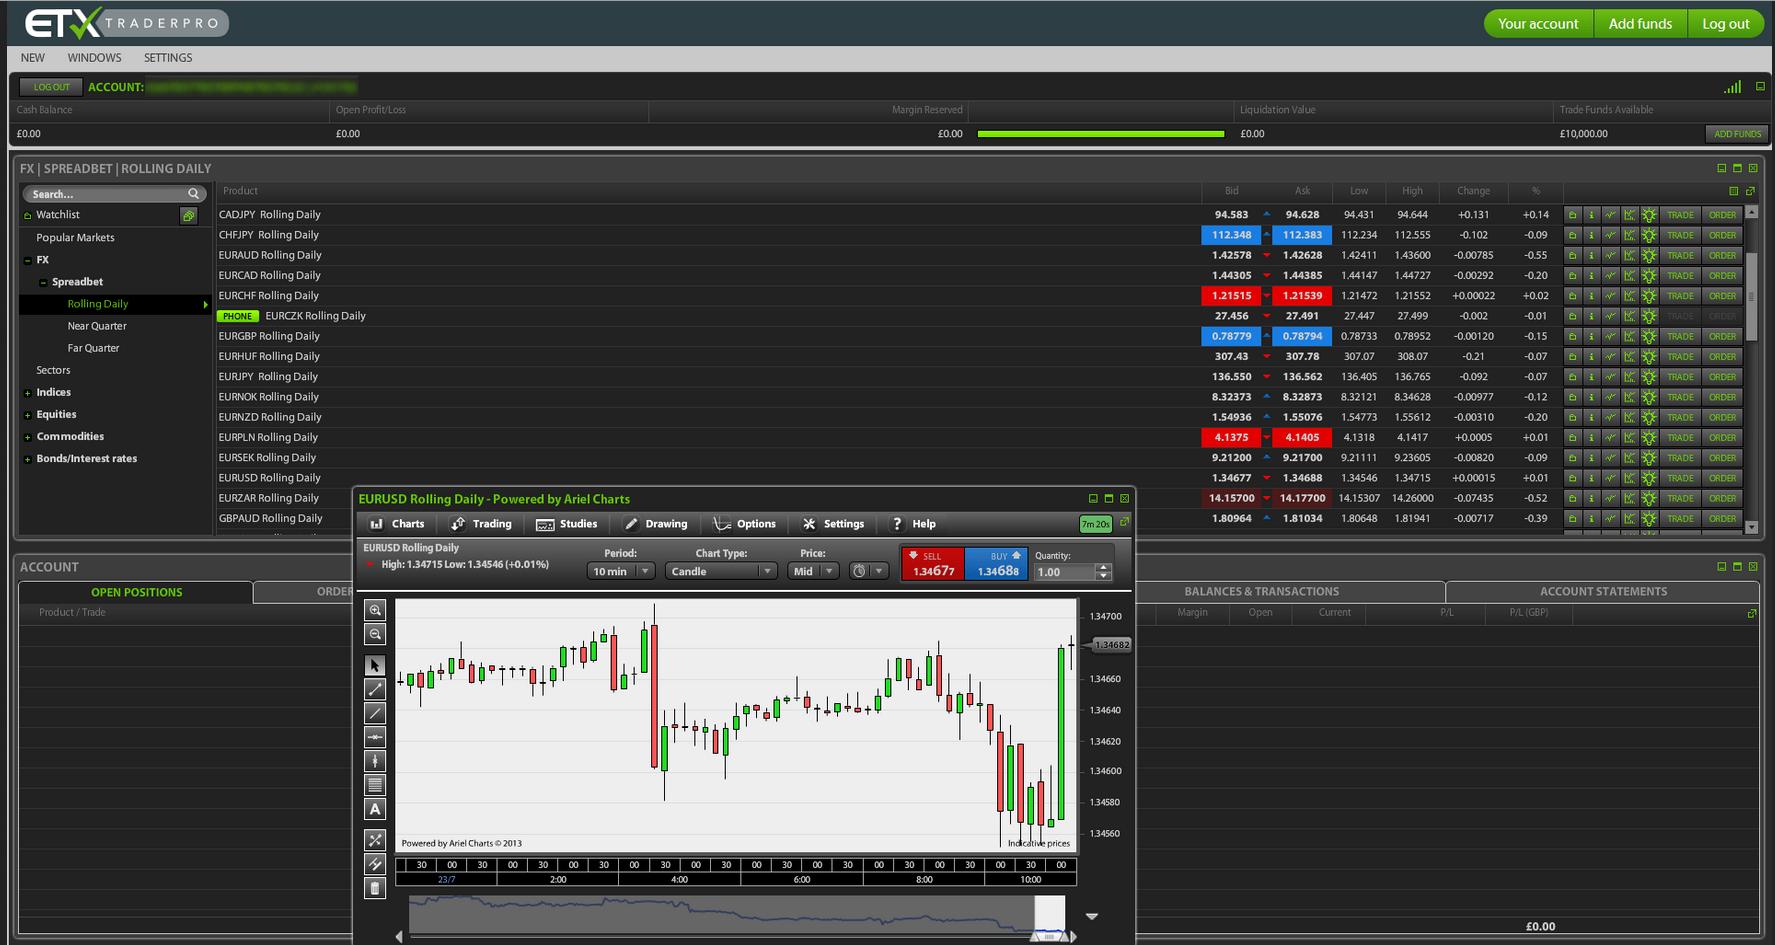 ETX Capital 1 - Die Benutzeroberfläche des ETX TraderPro